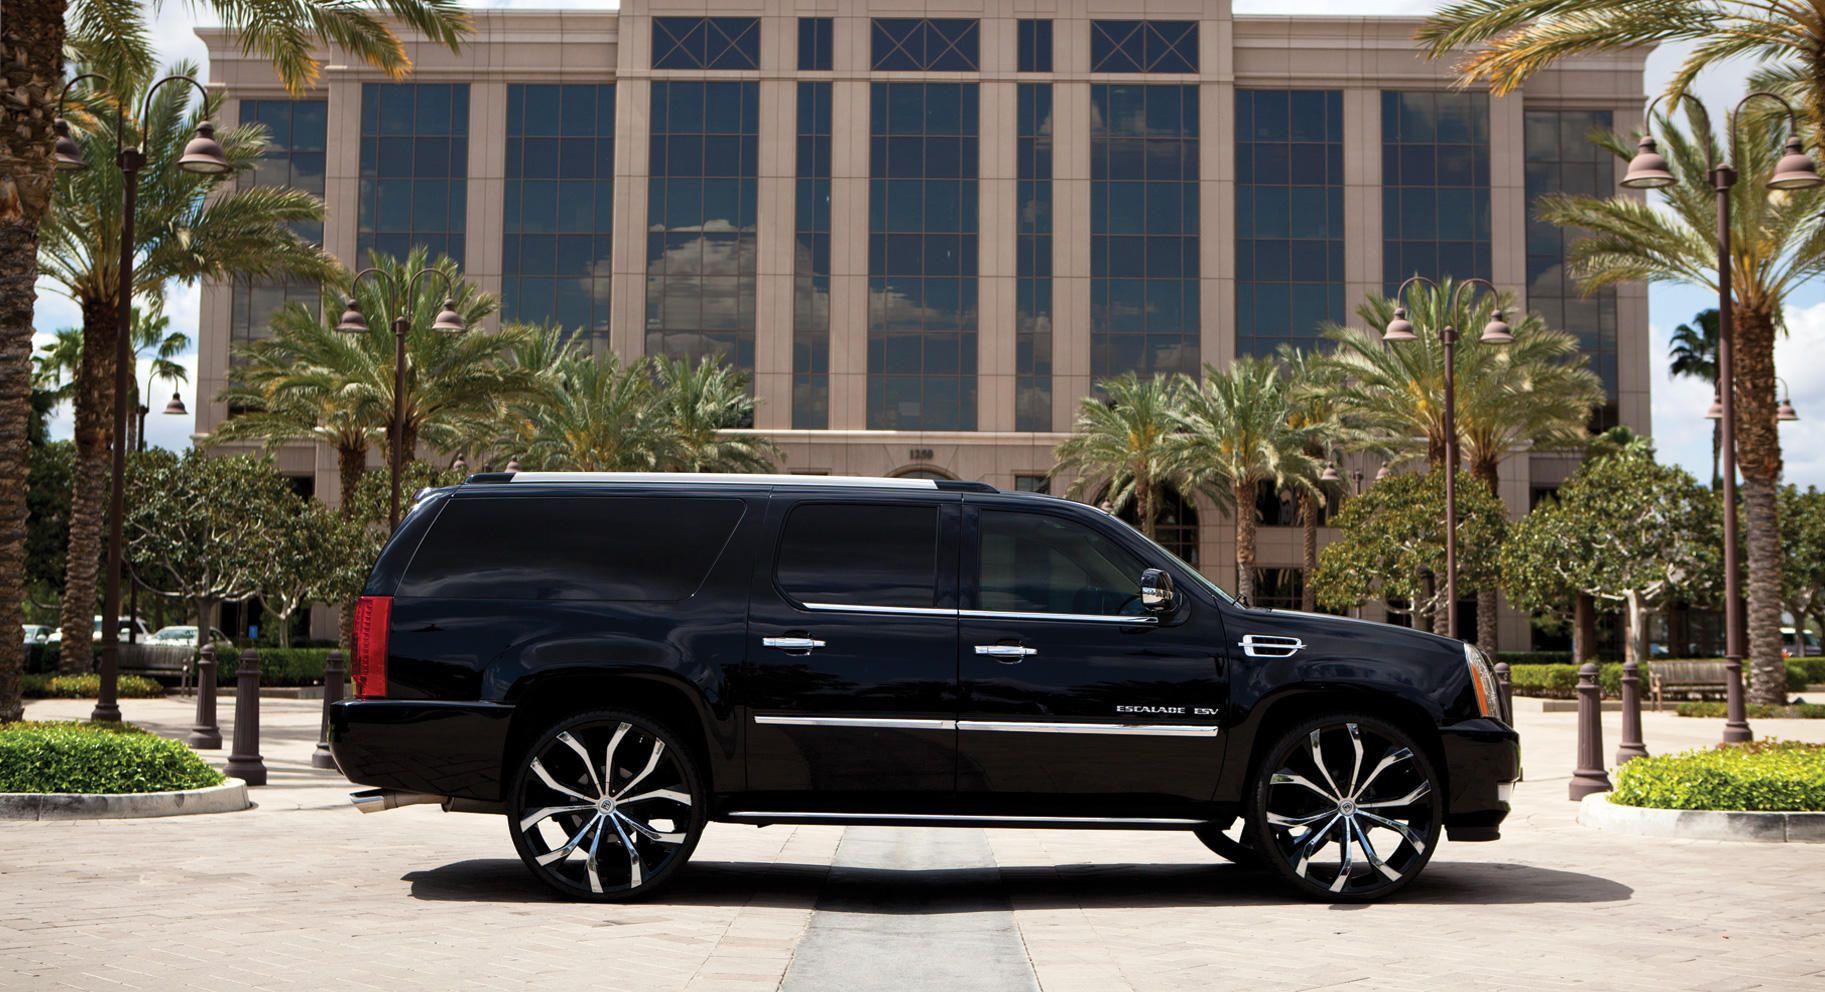 Cadillac 2002 cadillac escalade rims : cadillac escalade lexani motors - Поиск в Google | off ...